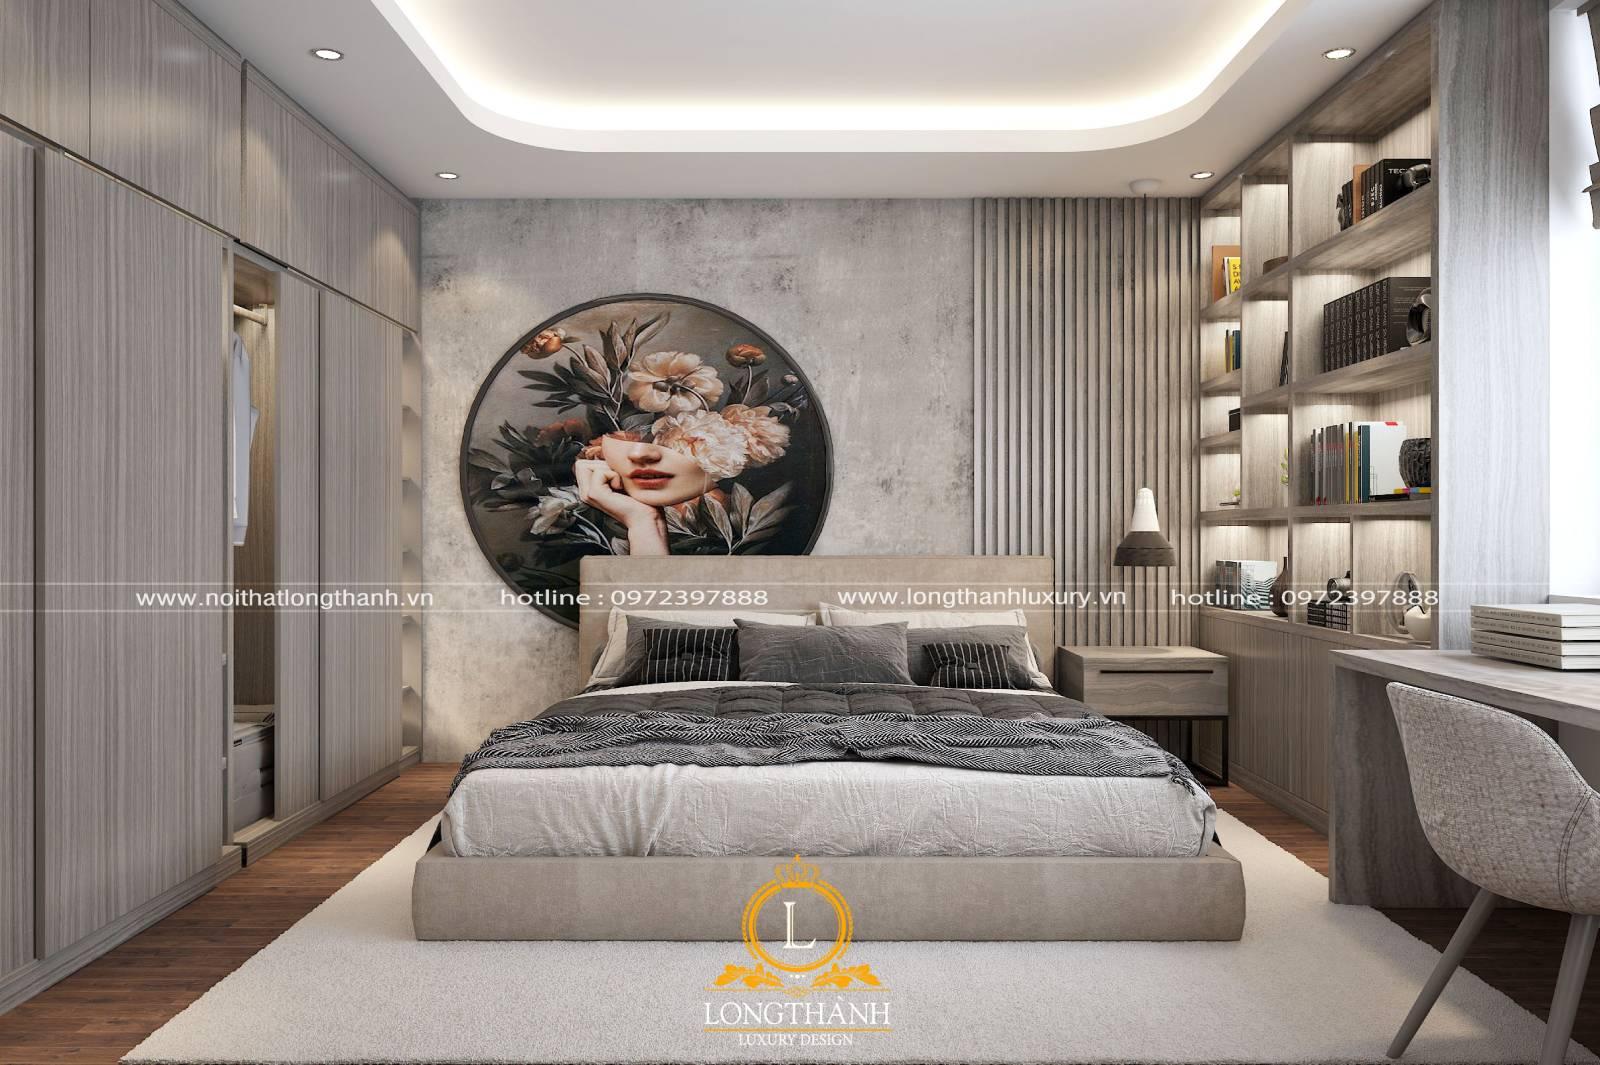 Thiết kế nội thất cho nhà ống cần đảm bảo công năng và vẻ đẹp hài hòa tự nhiên